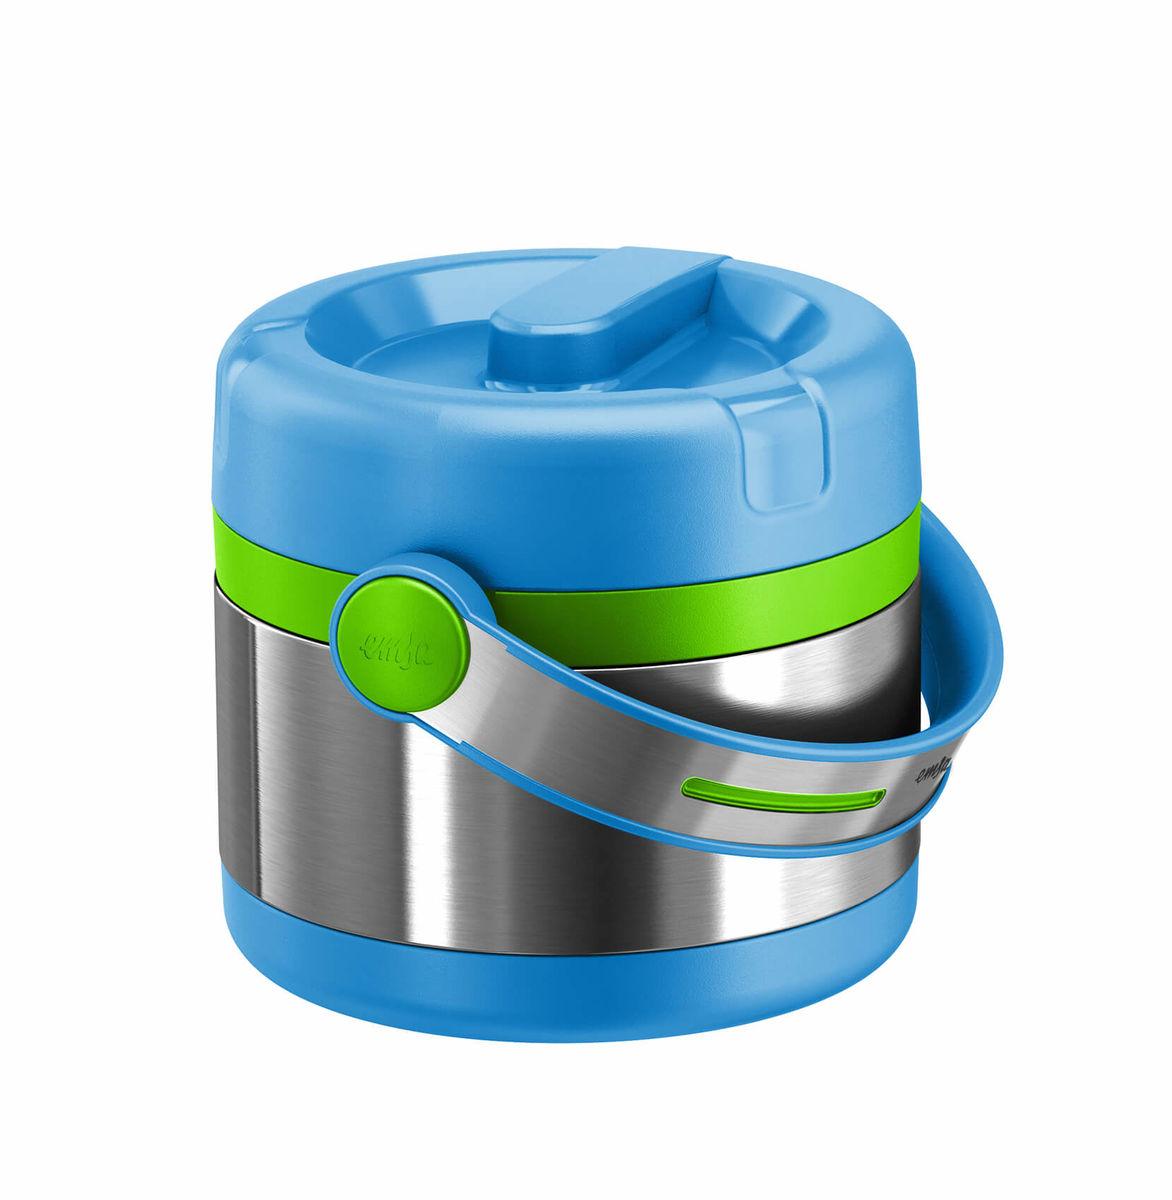 Image of Emsa Mobility Kids Isolier-Speisegefäss blau